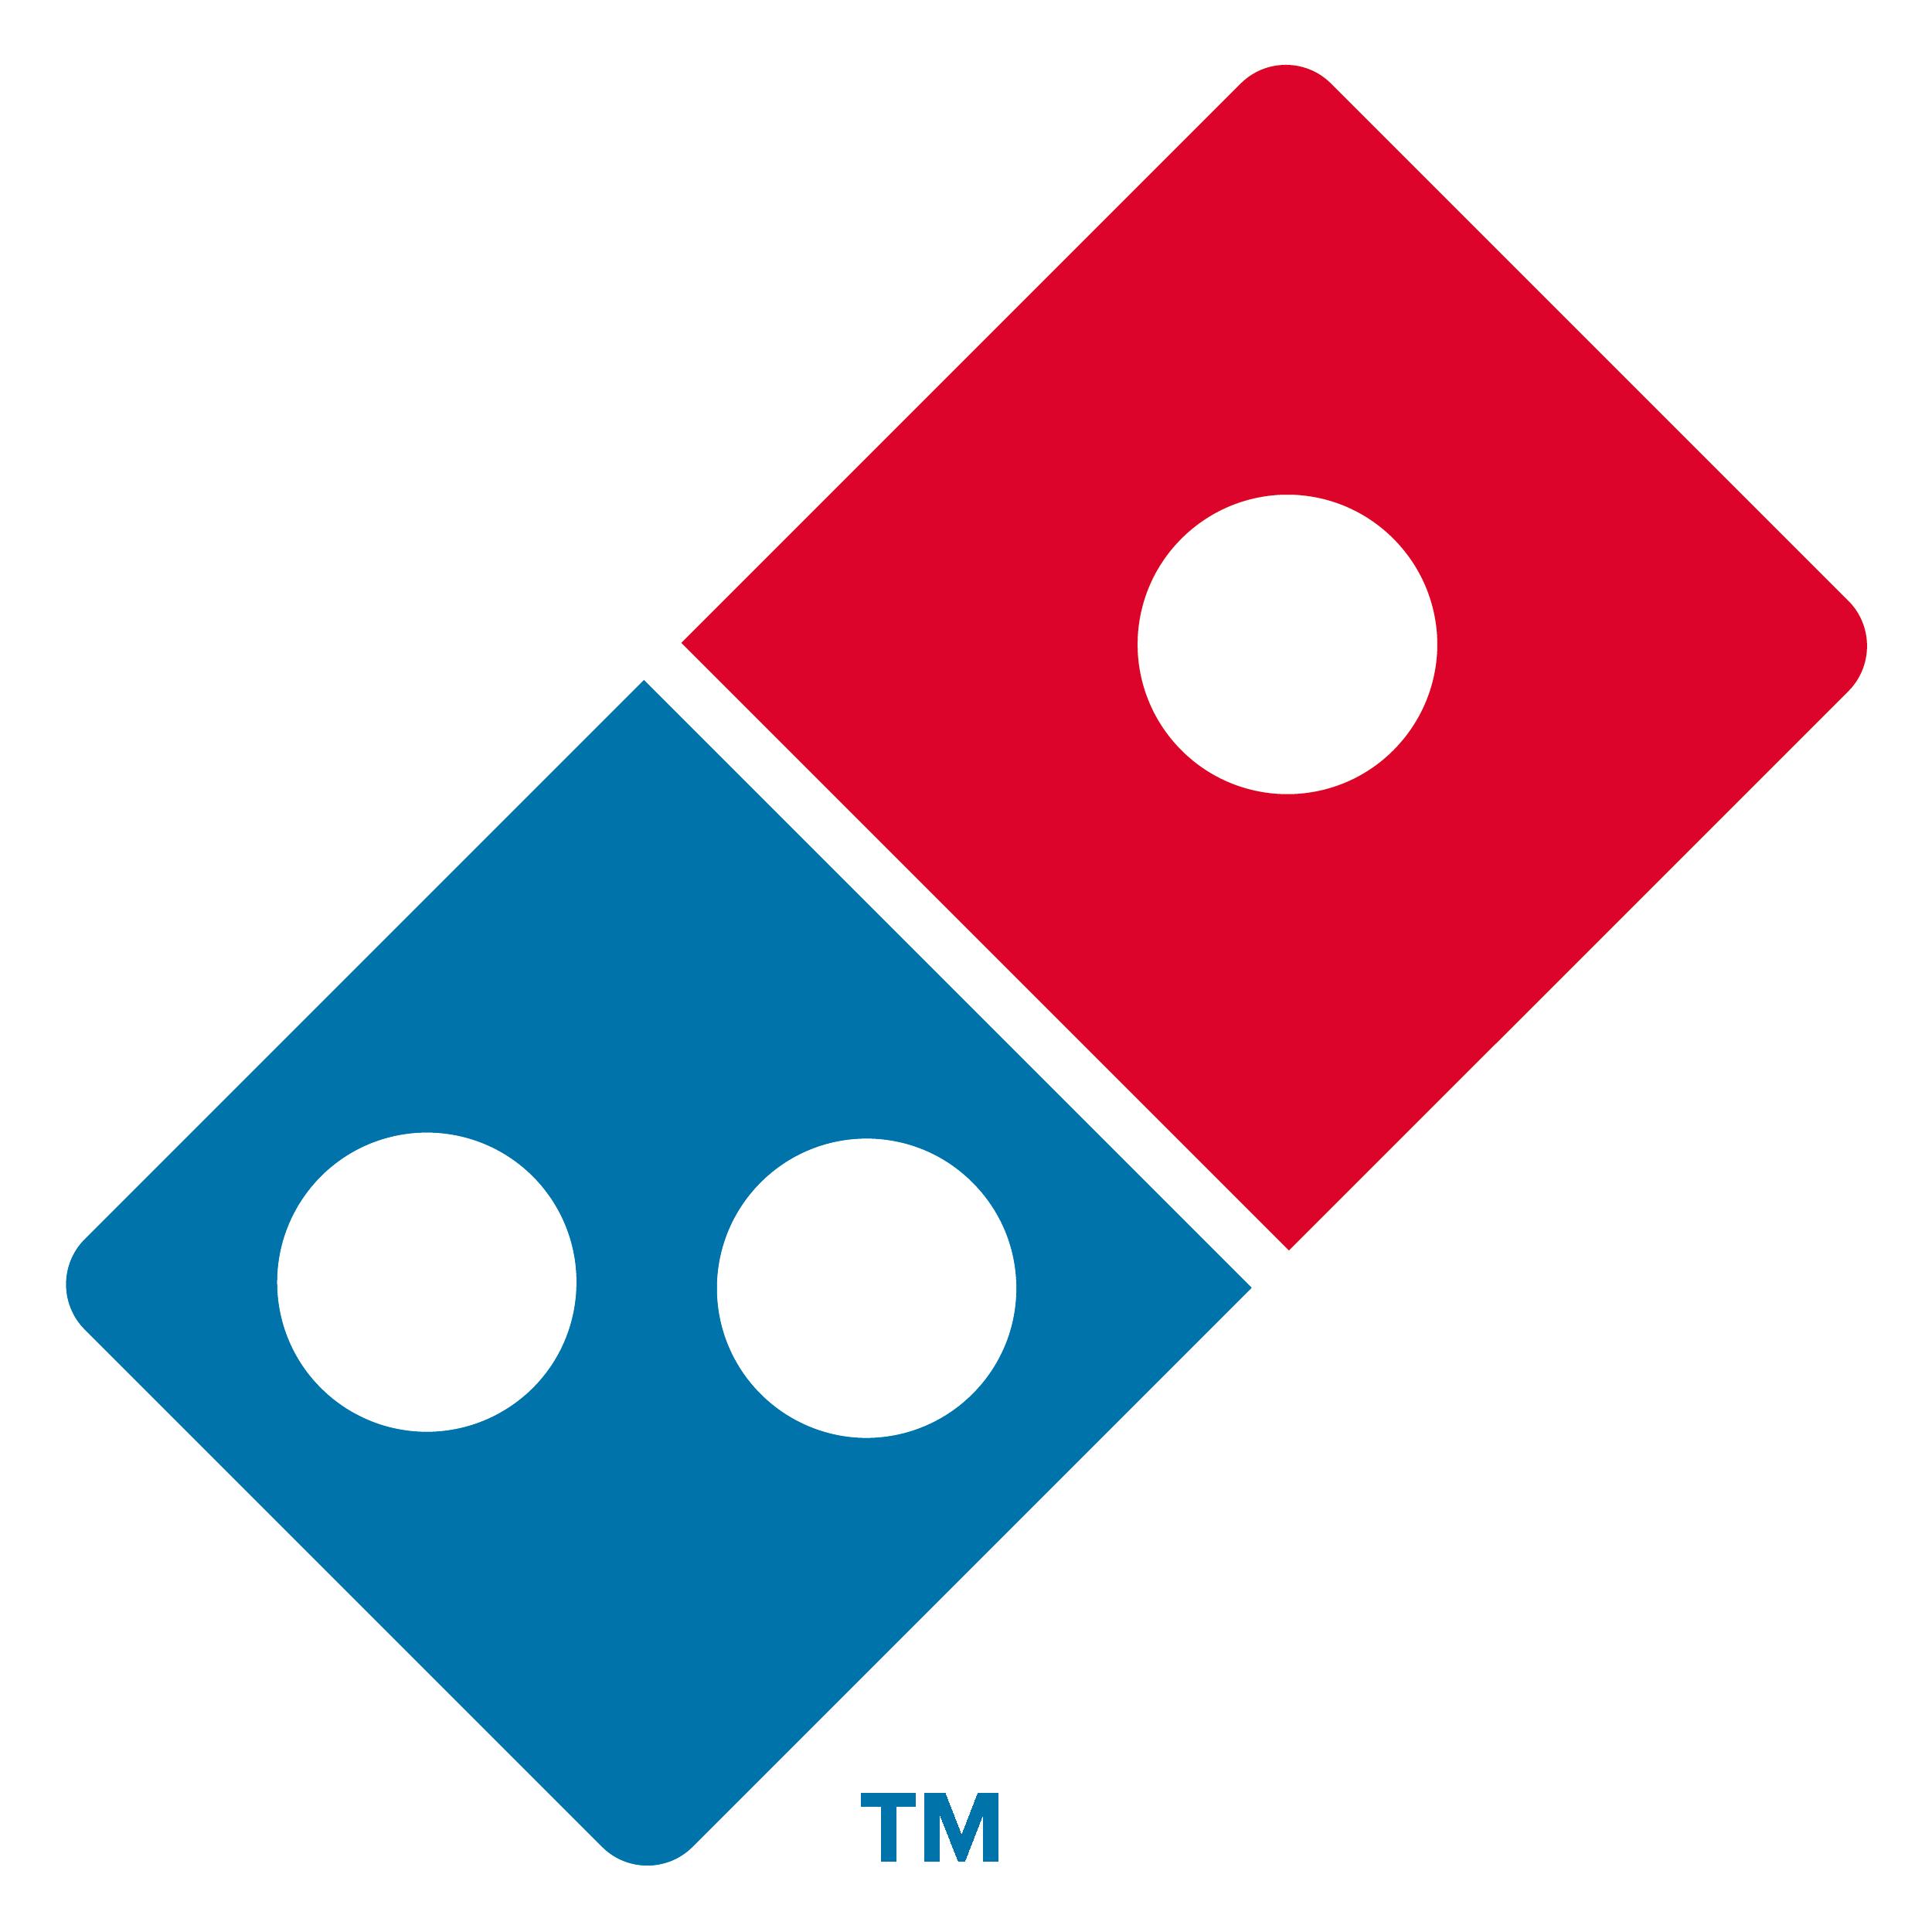 DOMINO'S PIZZA (S) PTE LTD